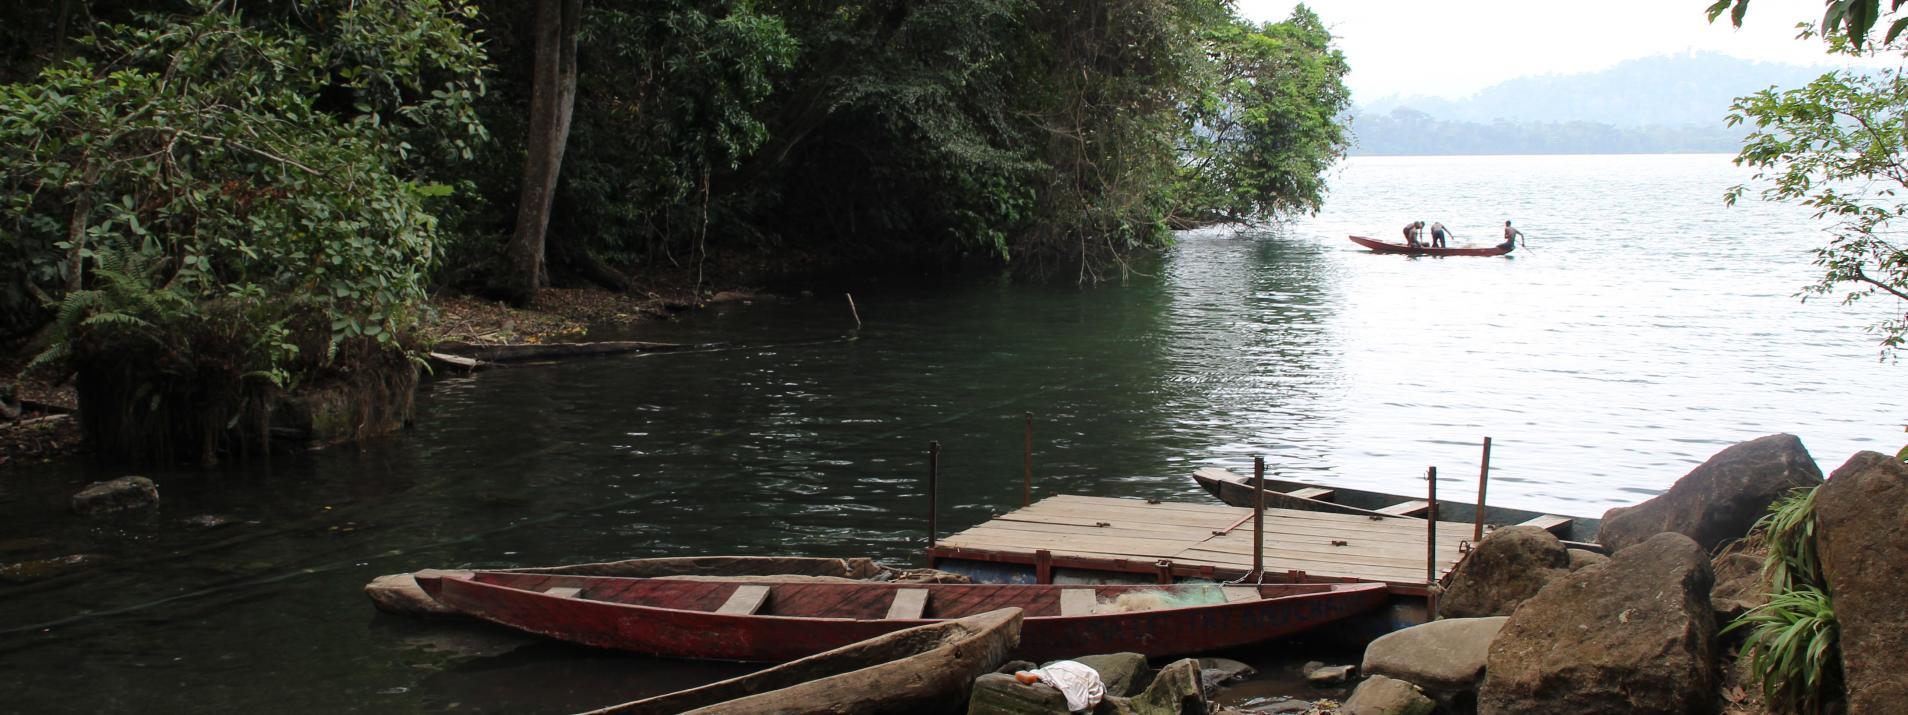 Le lac Barombi au Cameroun